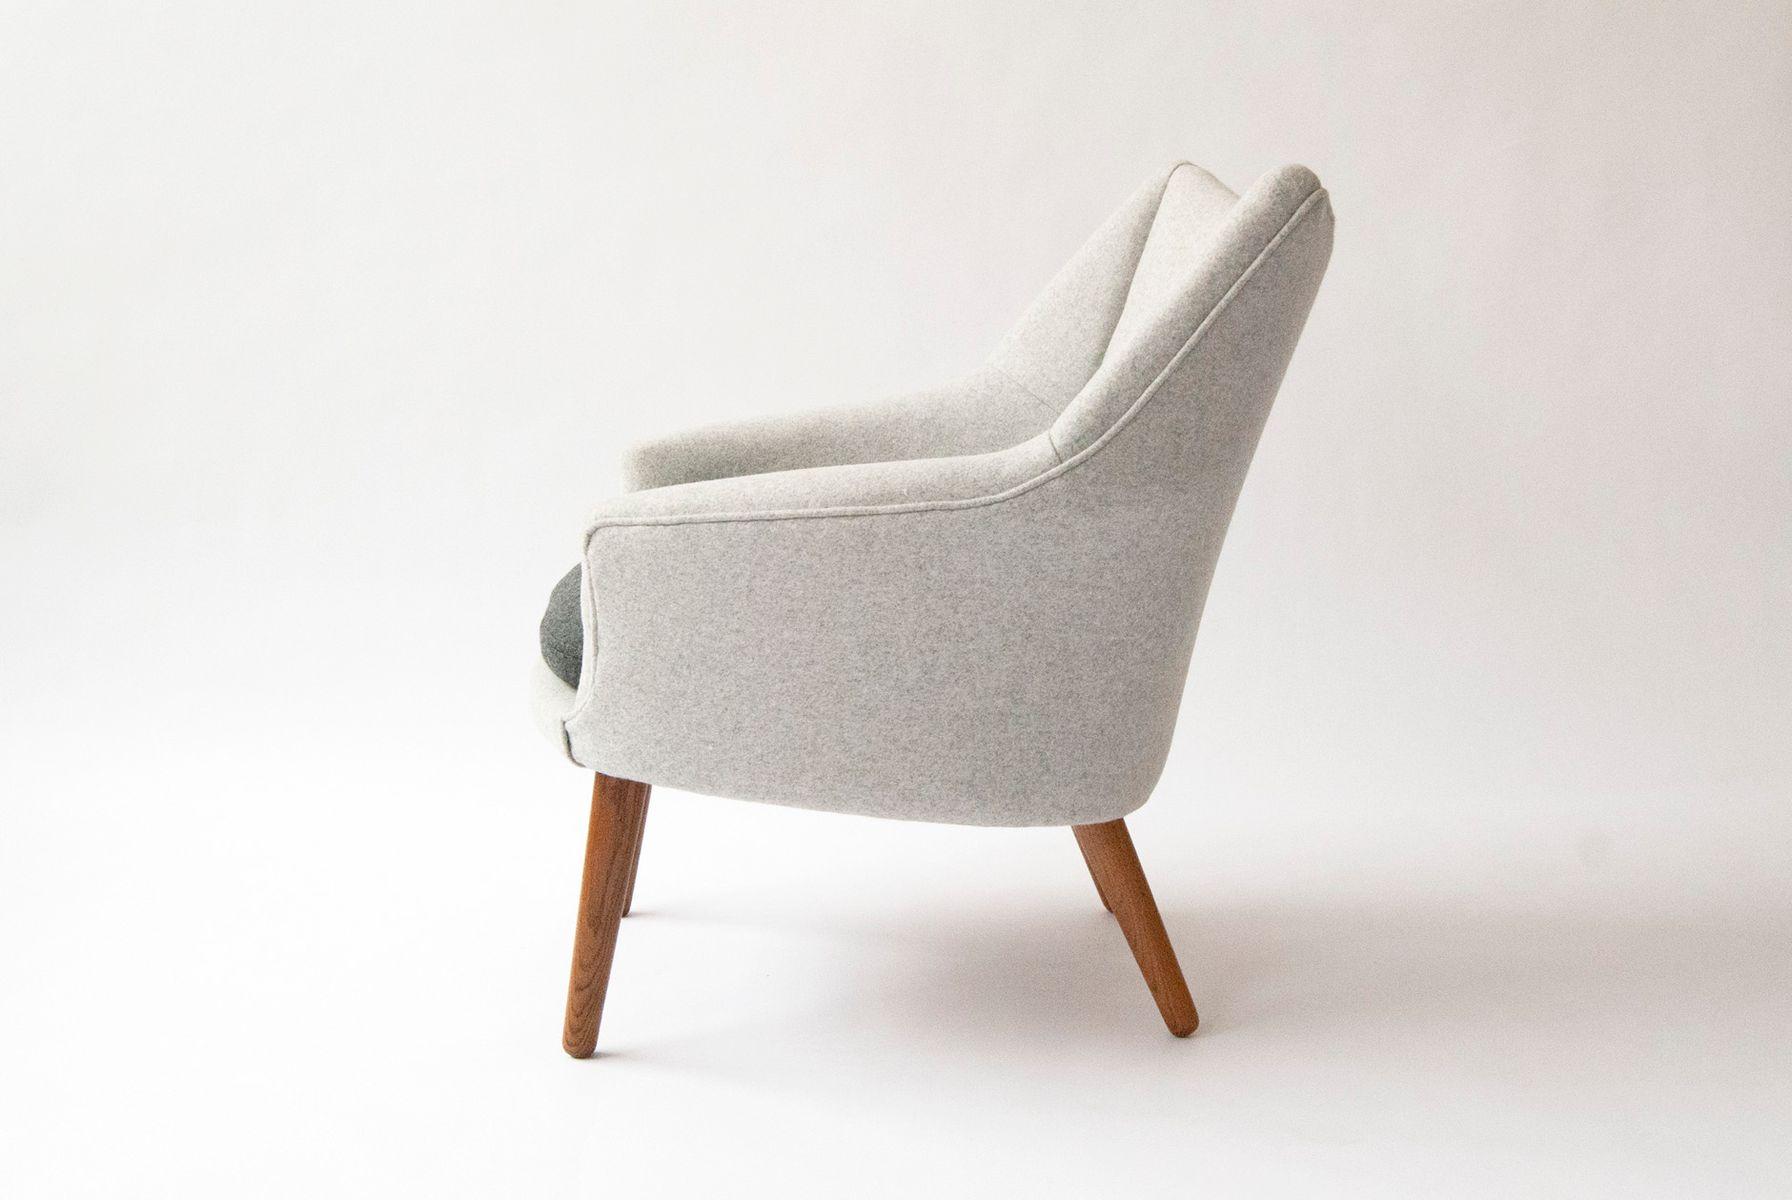 fauteuil lounge par kurt ostervig pour rolschau mobler 1958 en vente sur pamono. Black Bedroom Furniture Sets. Home Design Ideas